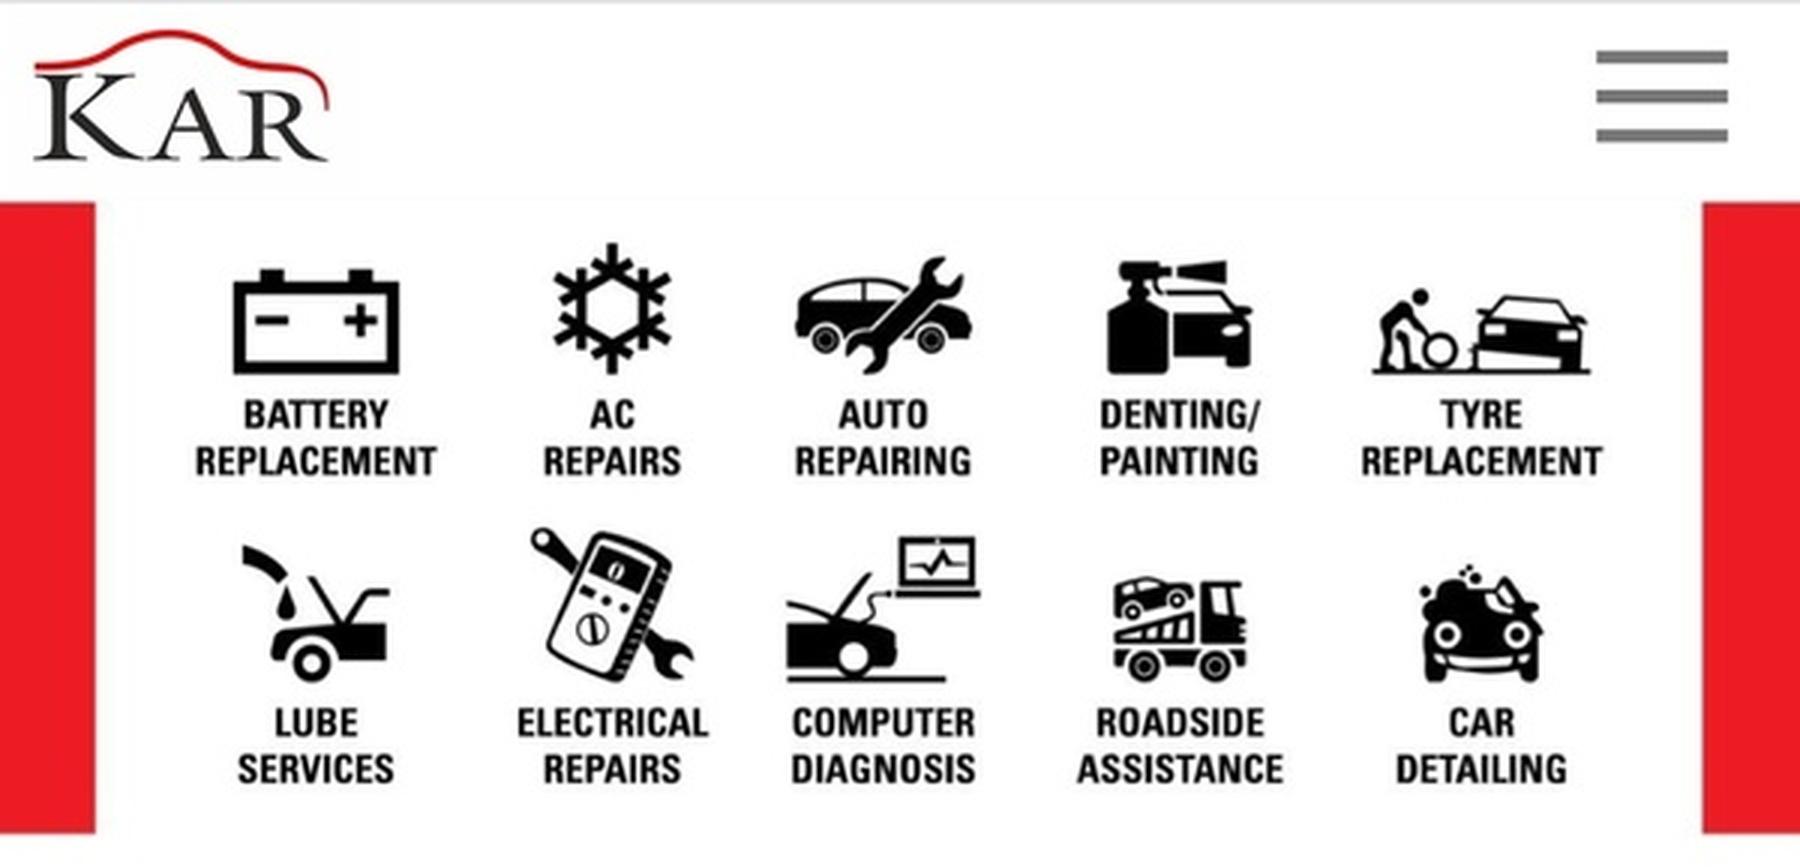 Car Repair & Service Workshop Carfixin Supplier in  Dubai